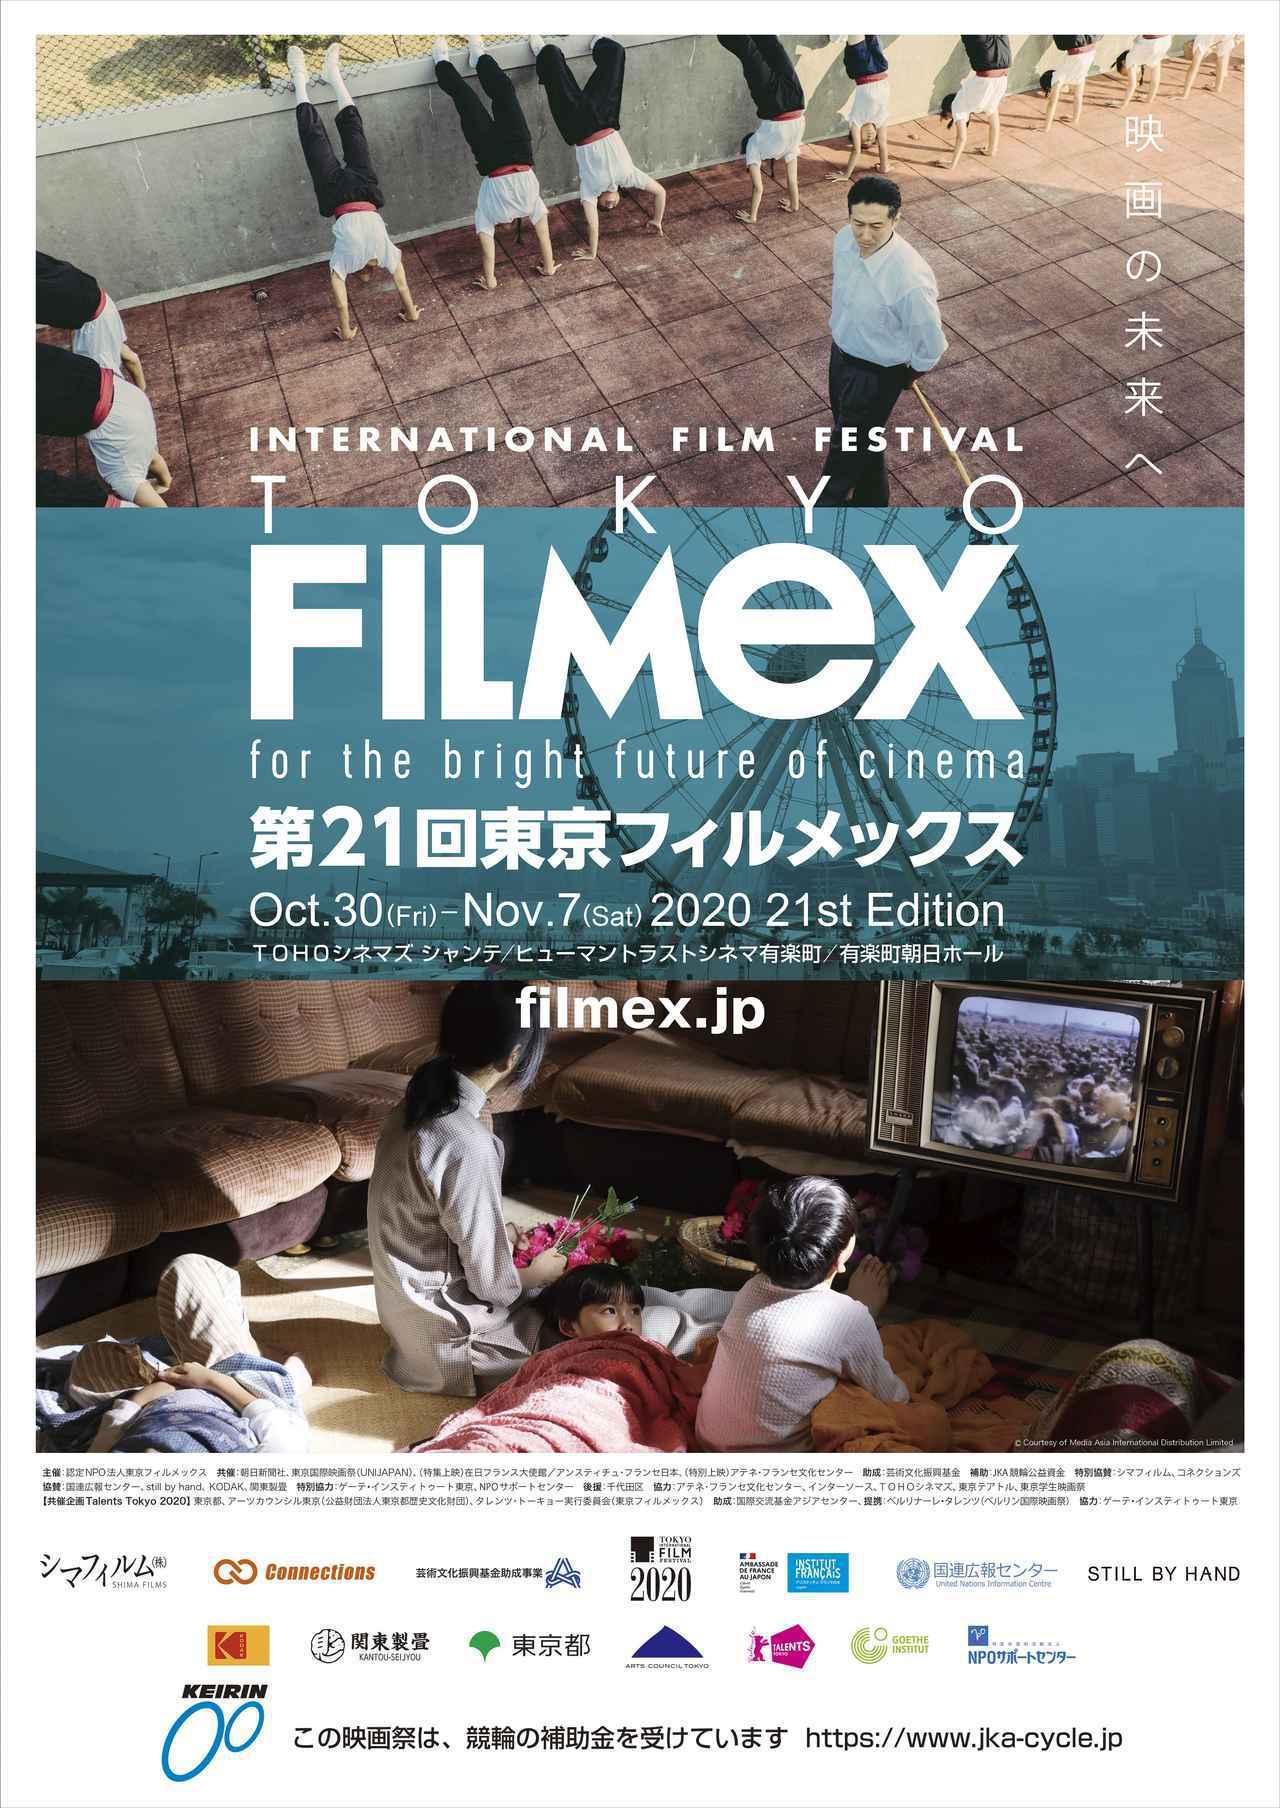 """画像: 世界の""""次""""はどの作品?とことんアジアにこだわった独創的・刺激的な作品が集結する国際映画祭「東京フィルメックス」-コンペティション12作品が決定!FILMEX①"""